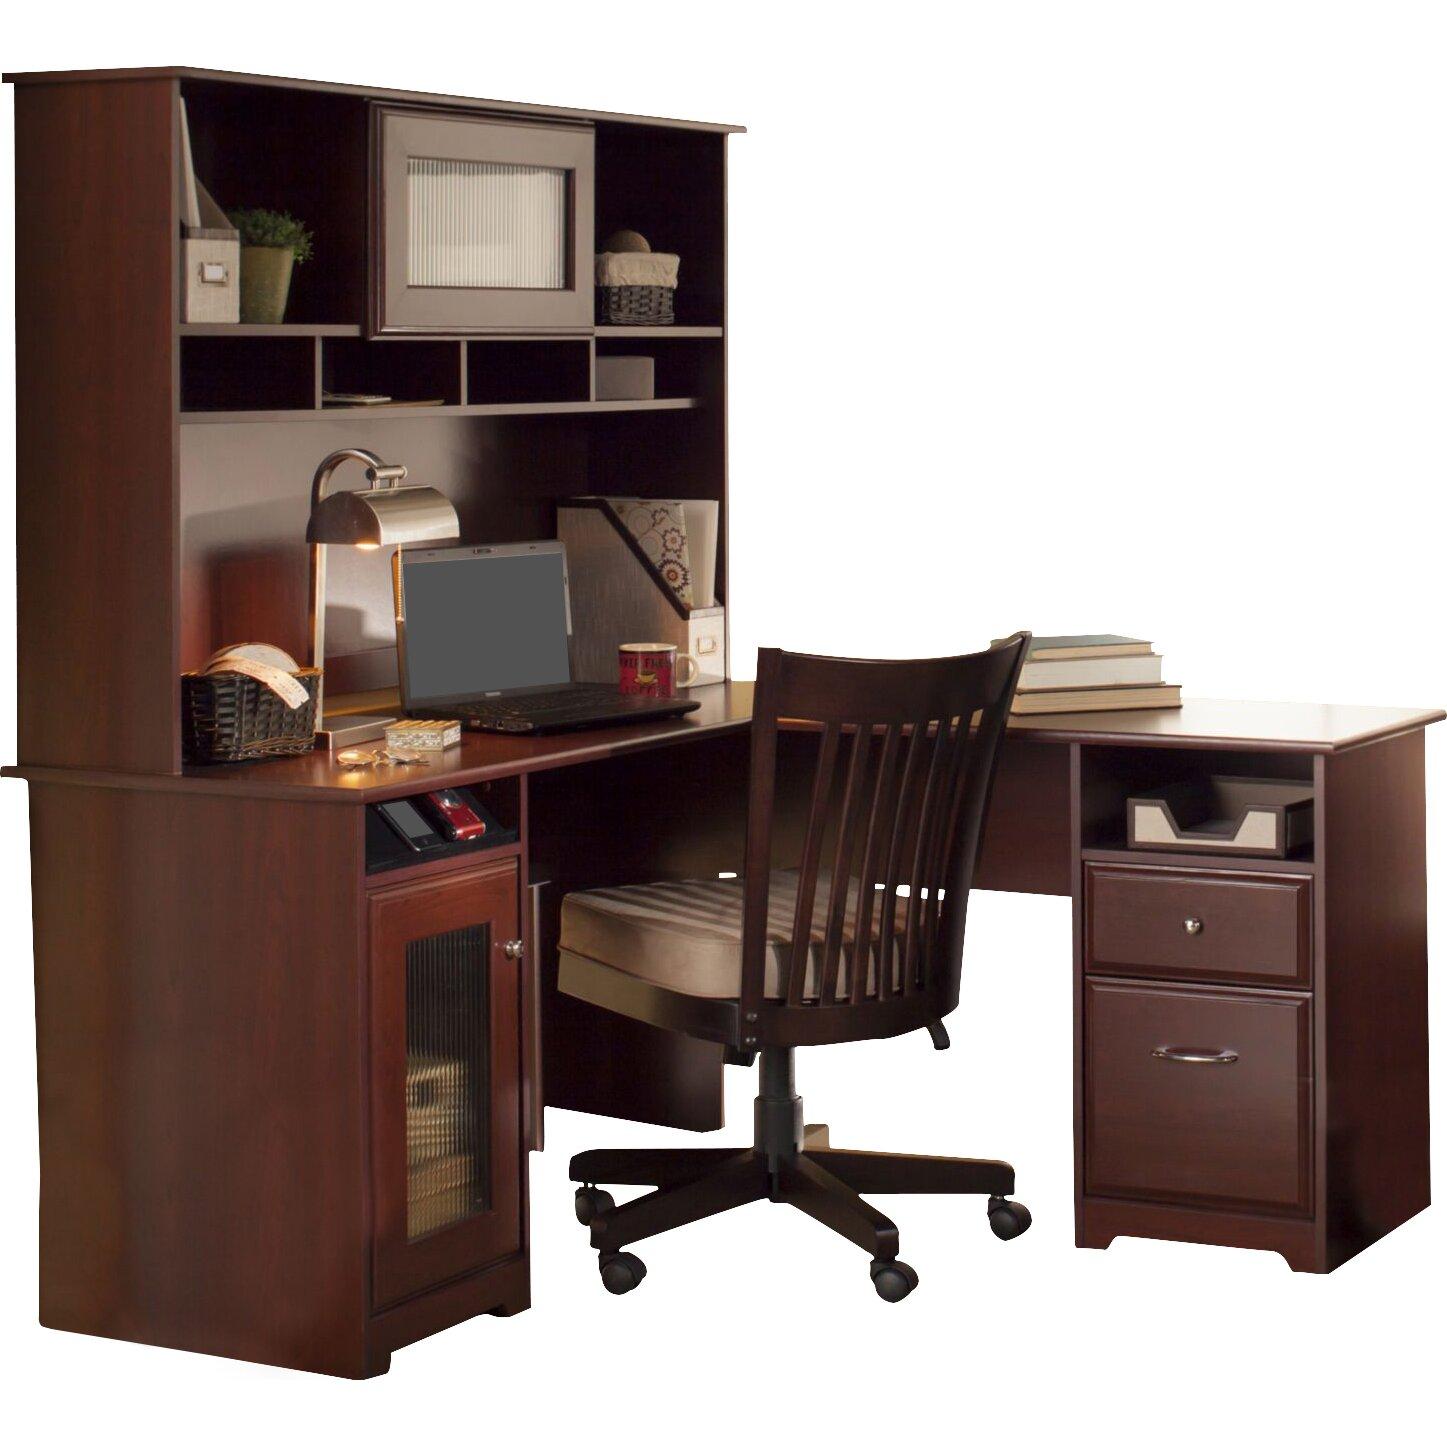 red barrel studio l shaped desk with hutch reviews. Black Bedroom Furniture Sets. Home Design Ideas